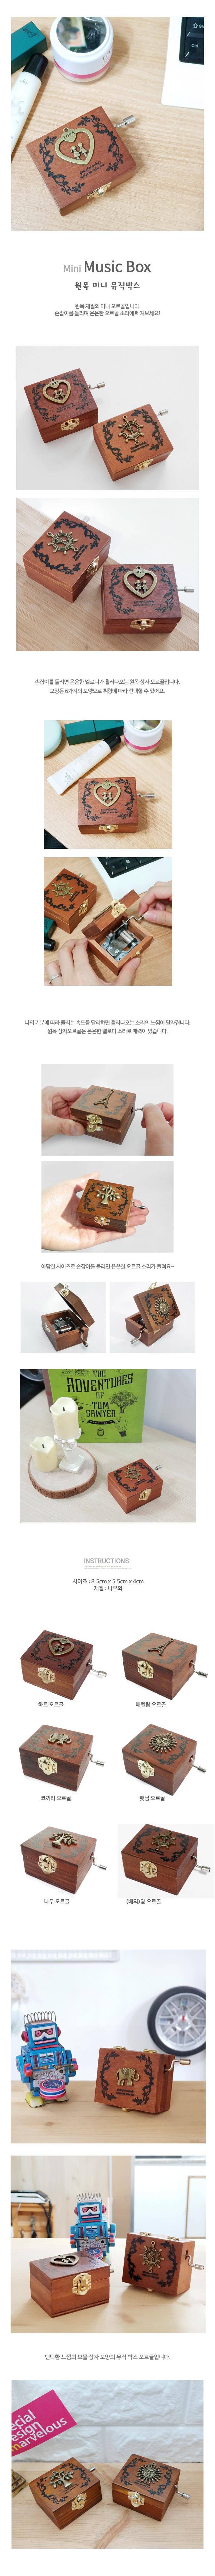 원목 미니상자 뮤직박스 - 진바스, 7,000원, 장식소품, 오르골